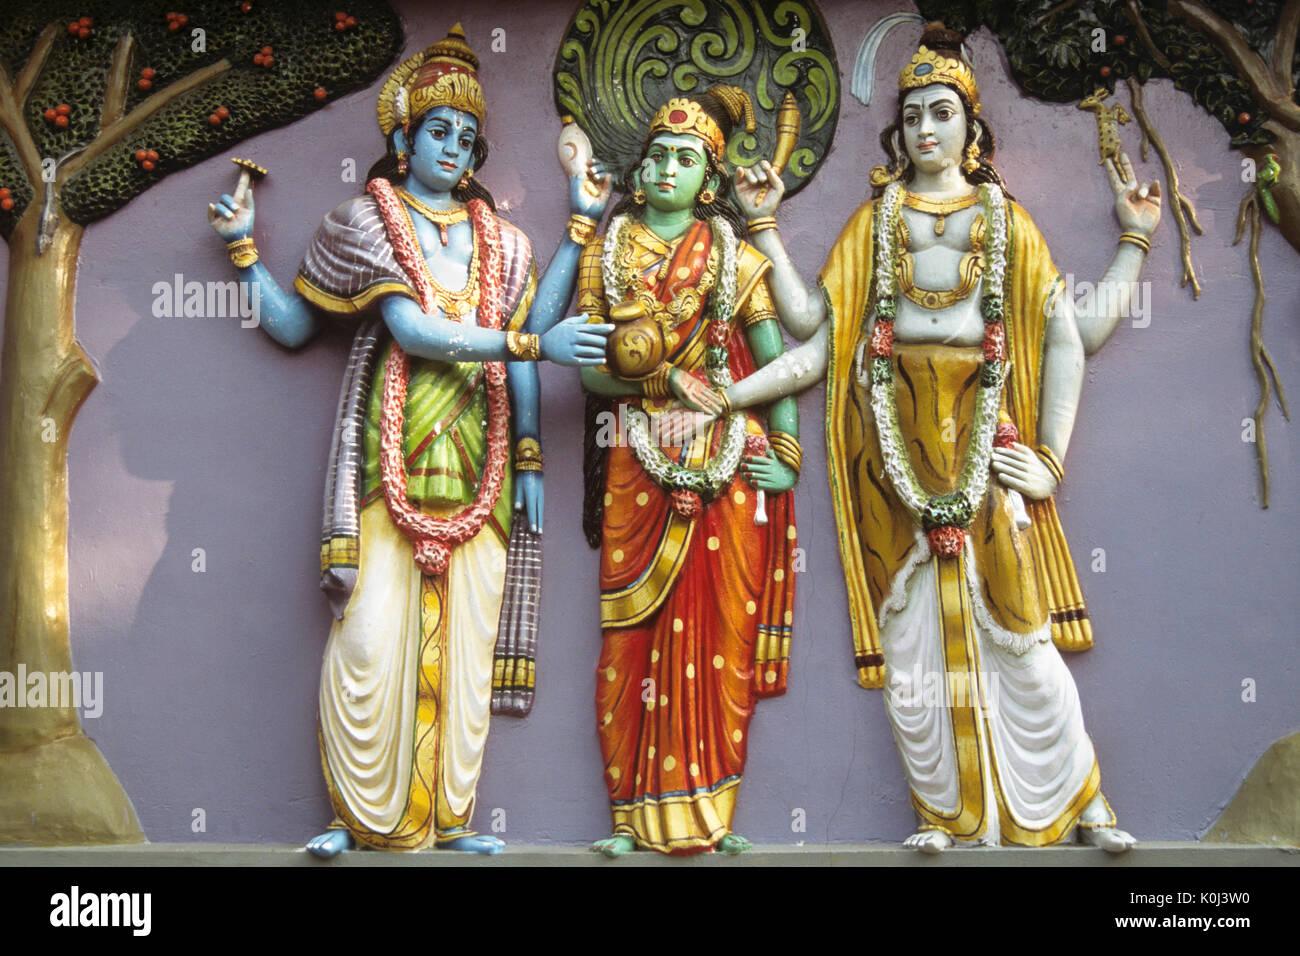 Colorful figures on Hindu temple, Tamil Nadu, India - Stock Image